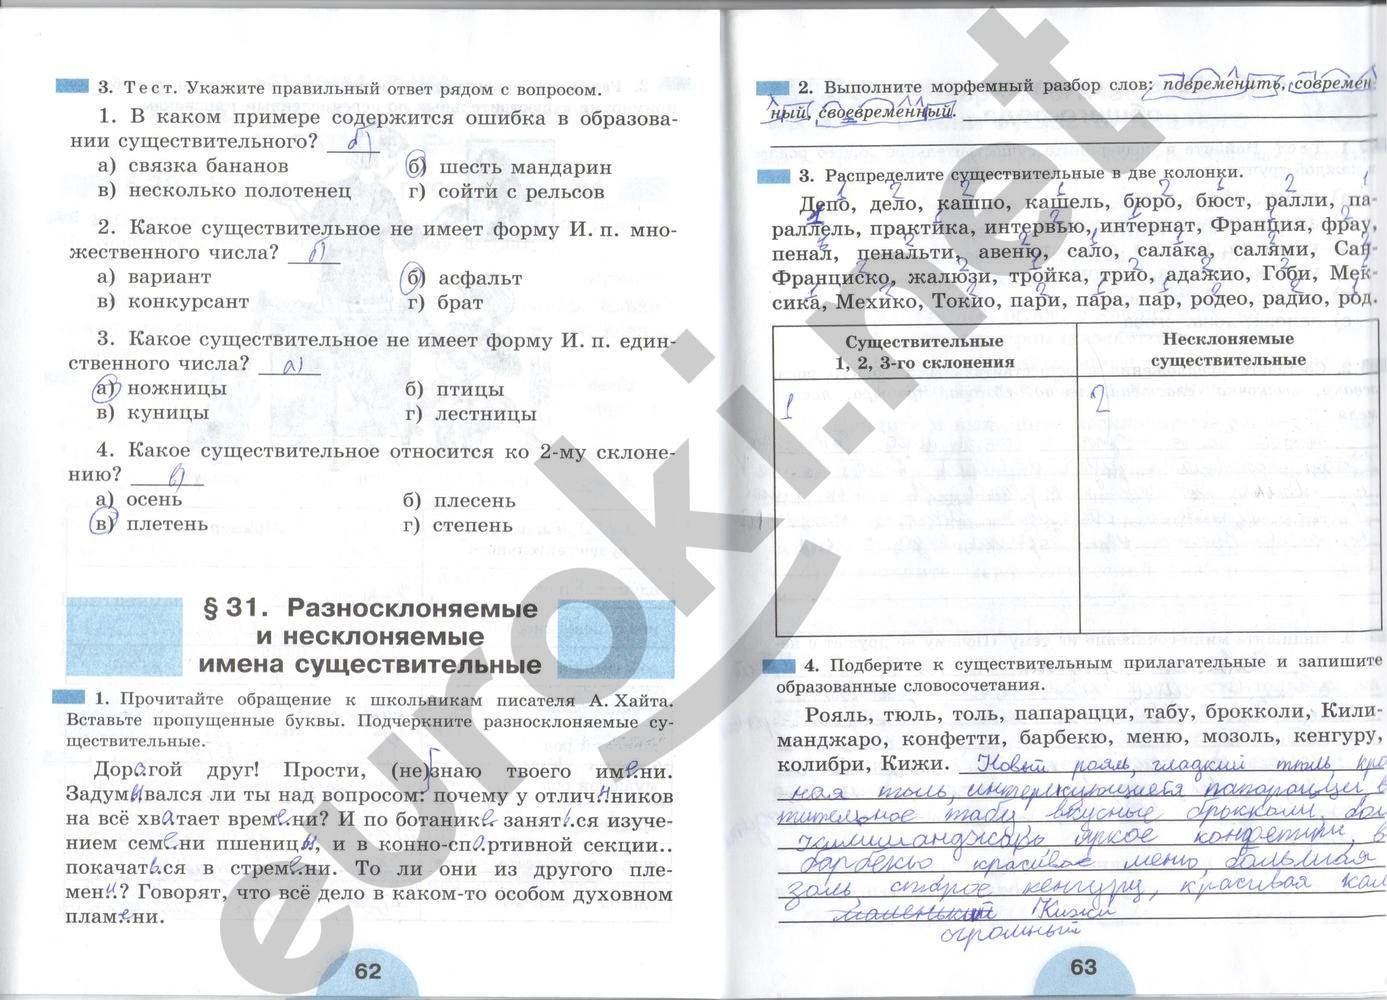 гдз рыбченкова роговик 6 класс